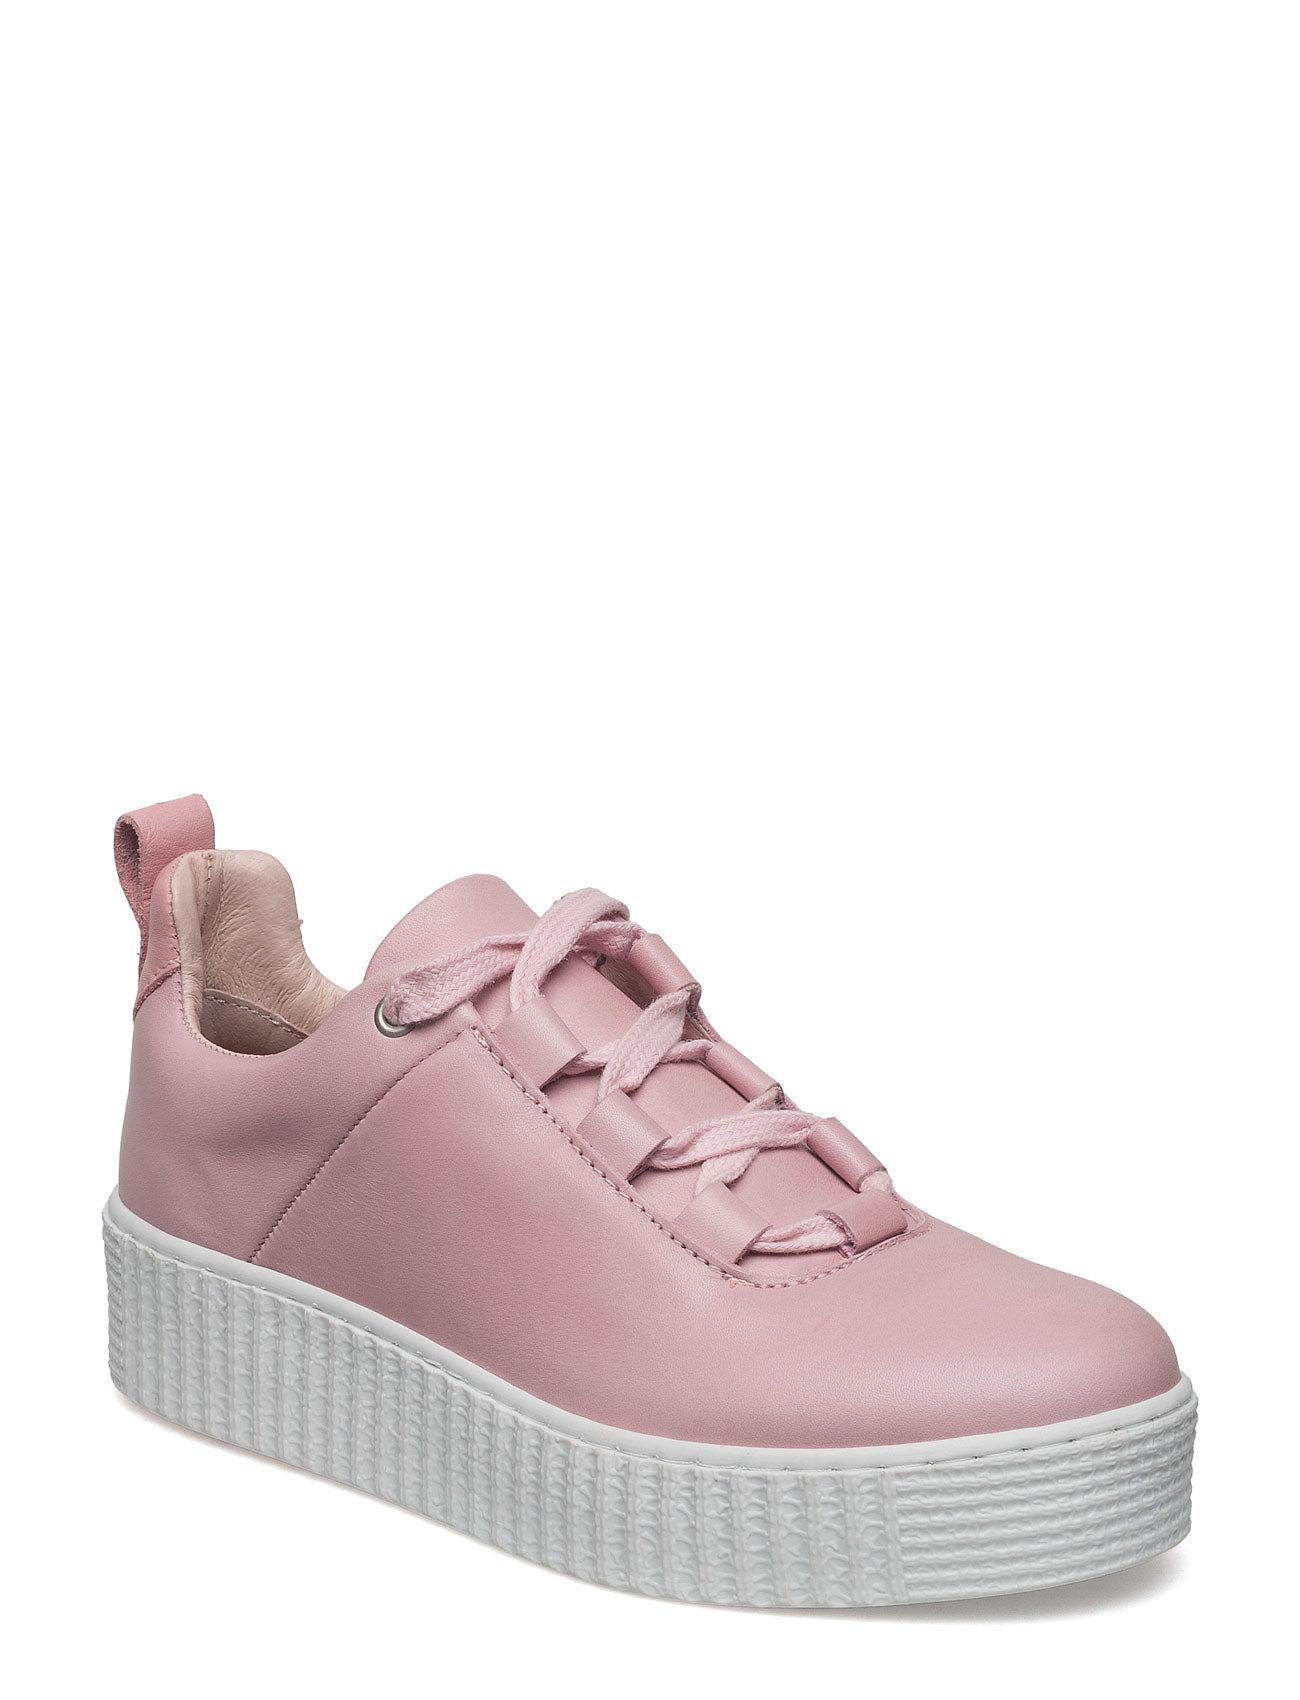 d9b04cfb7014 Val 7556 Samsøe   Samsøe Sneakers til Damer i Silver Pink ...